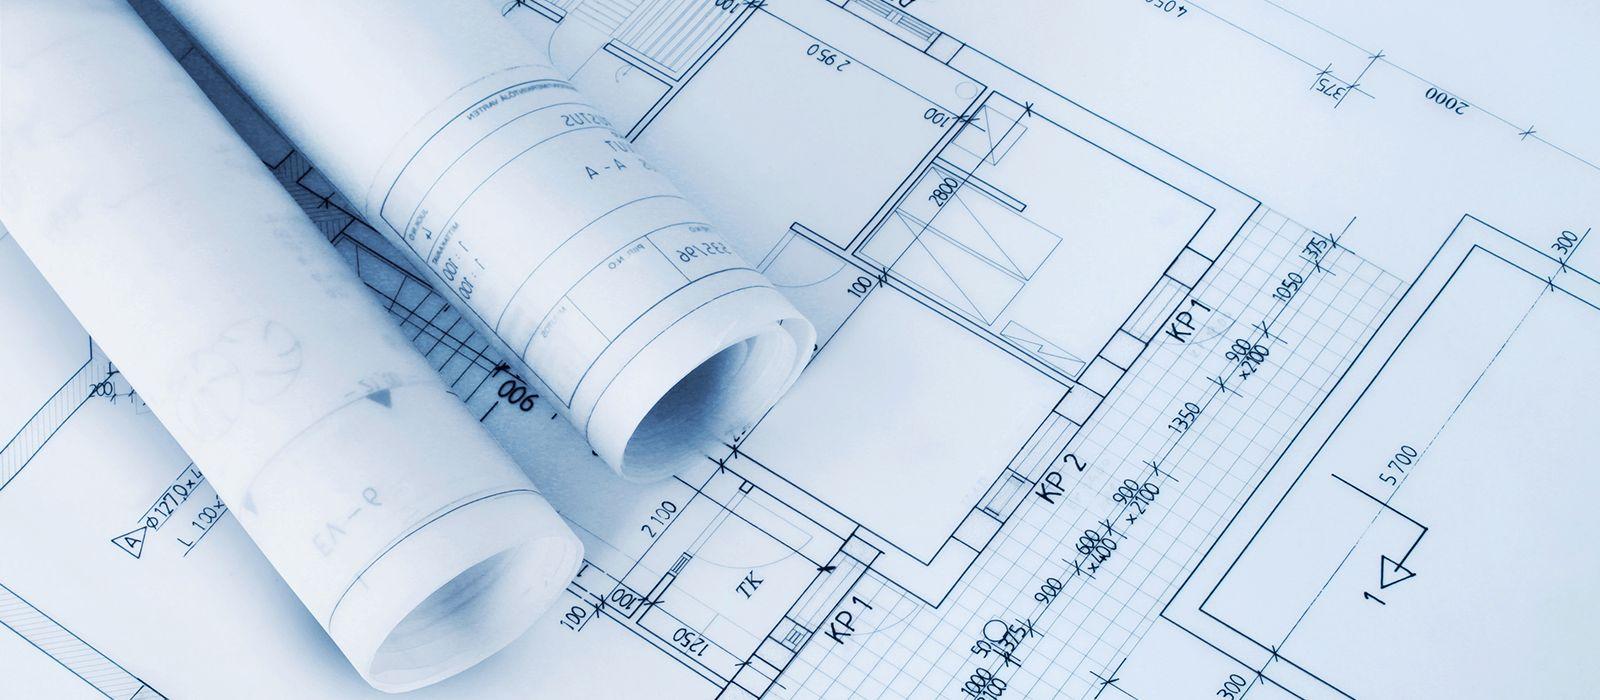 Proiectare | Instalatii termice, instalatii de stingere, etc.